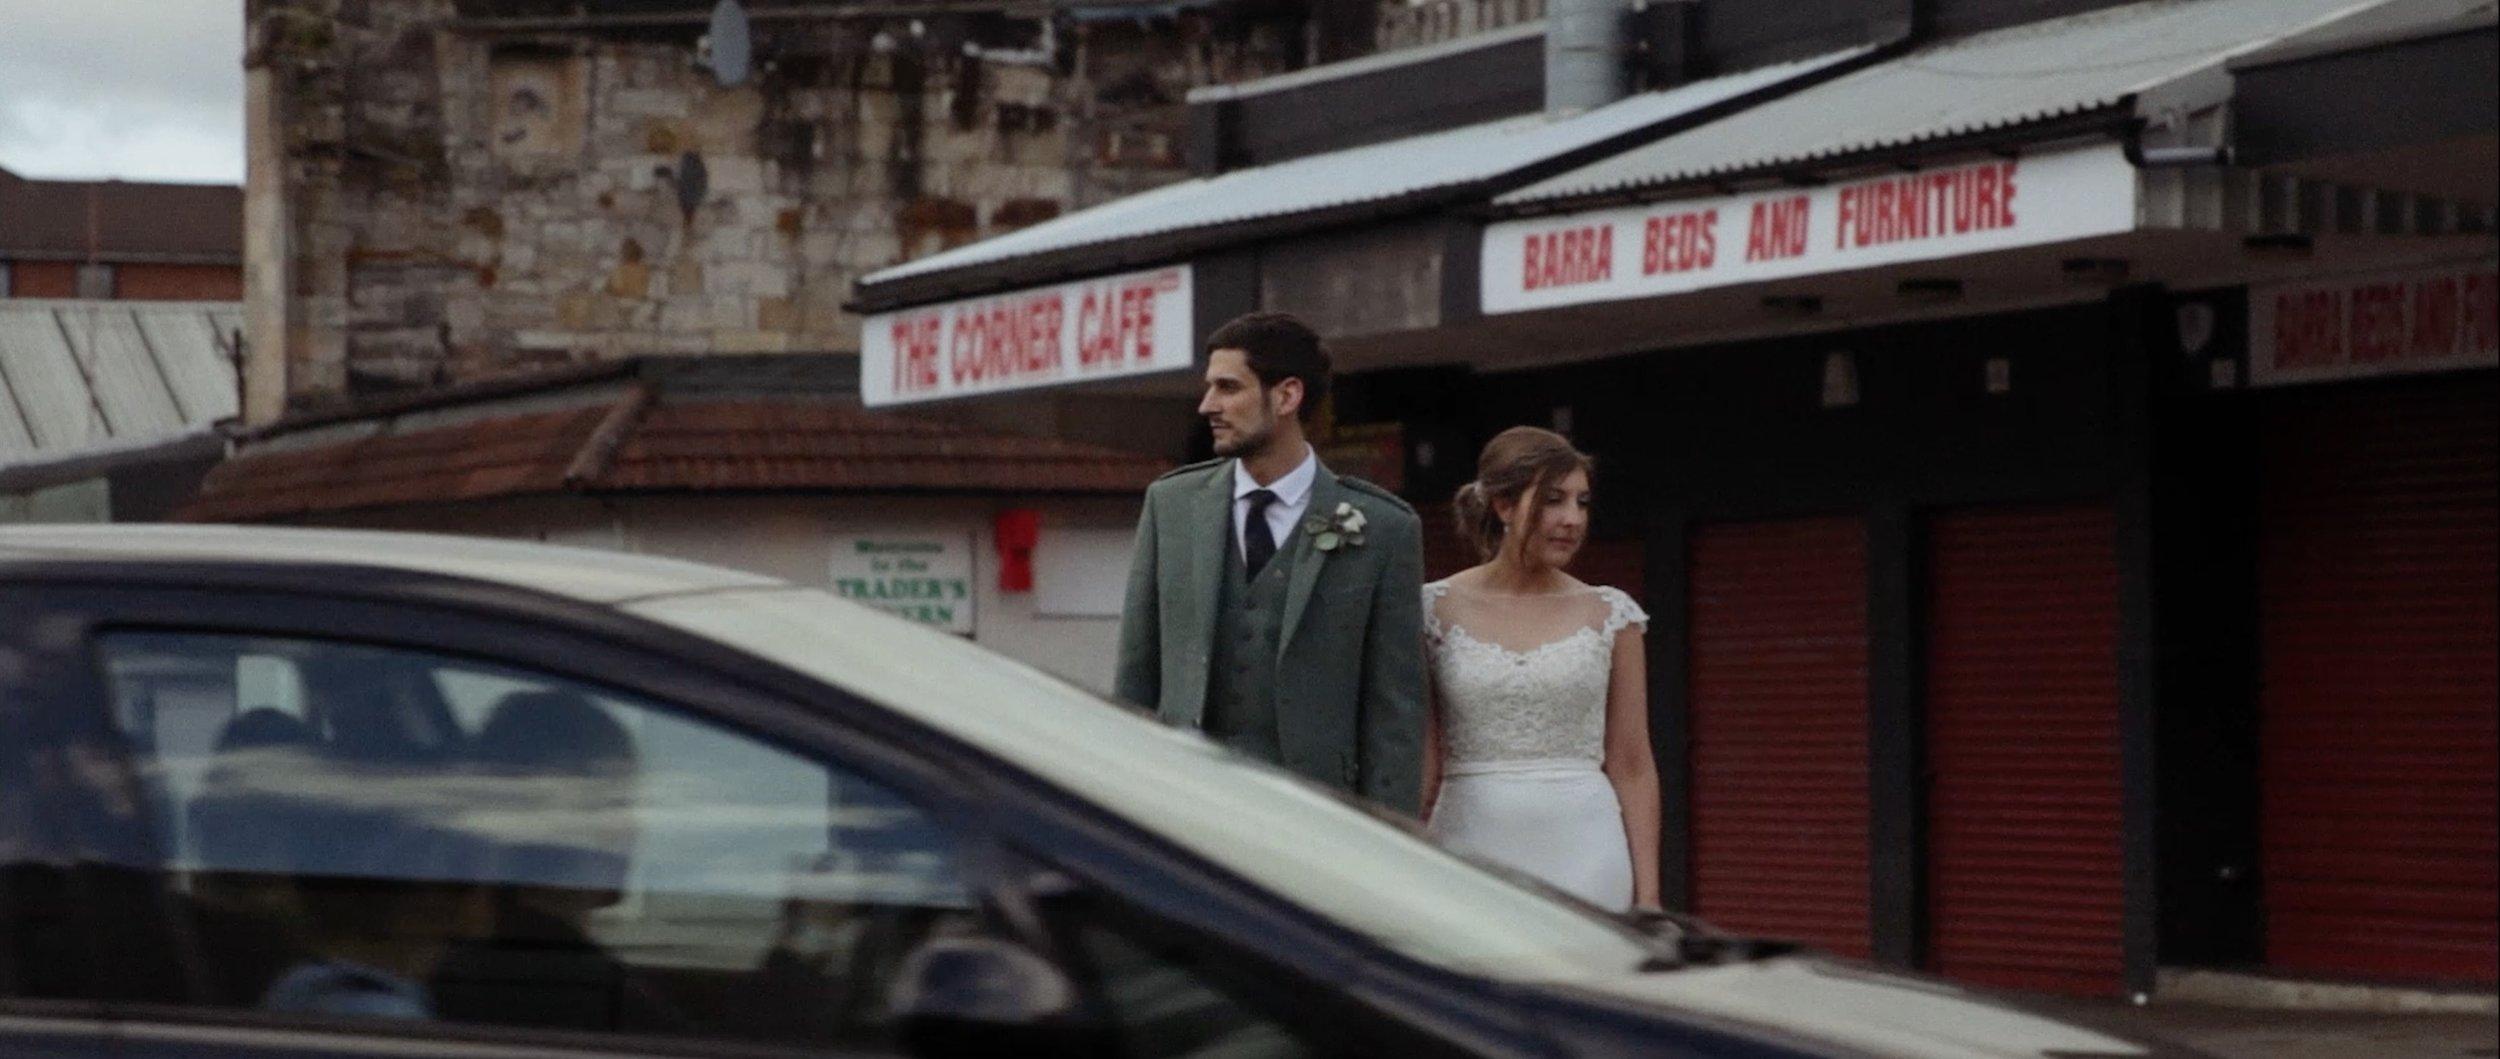 29-glasgow-wedding-videographer_LL_05.jpg